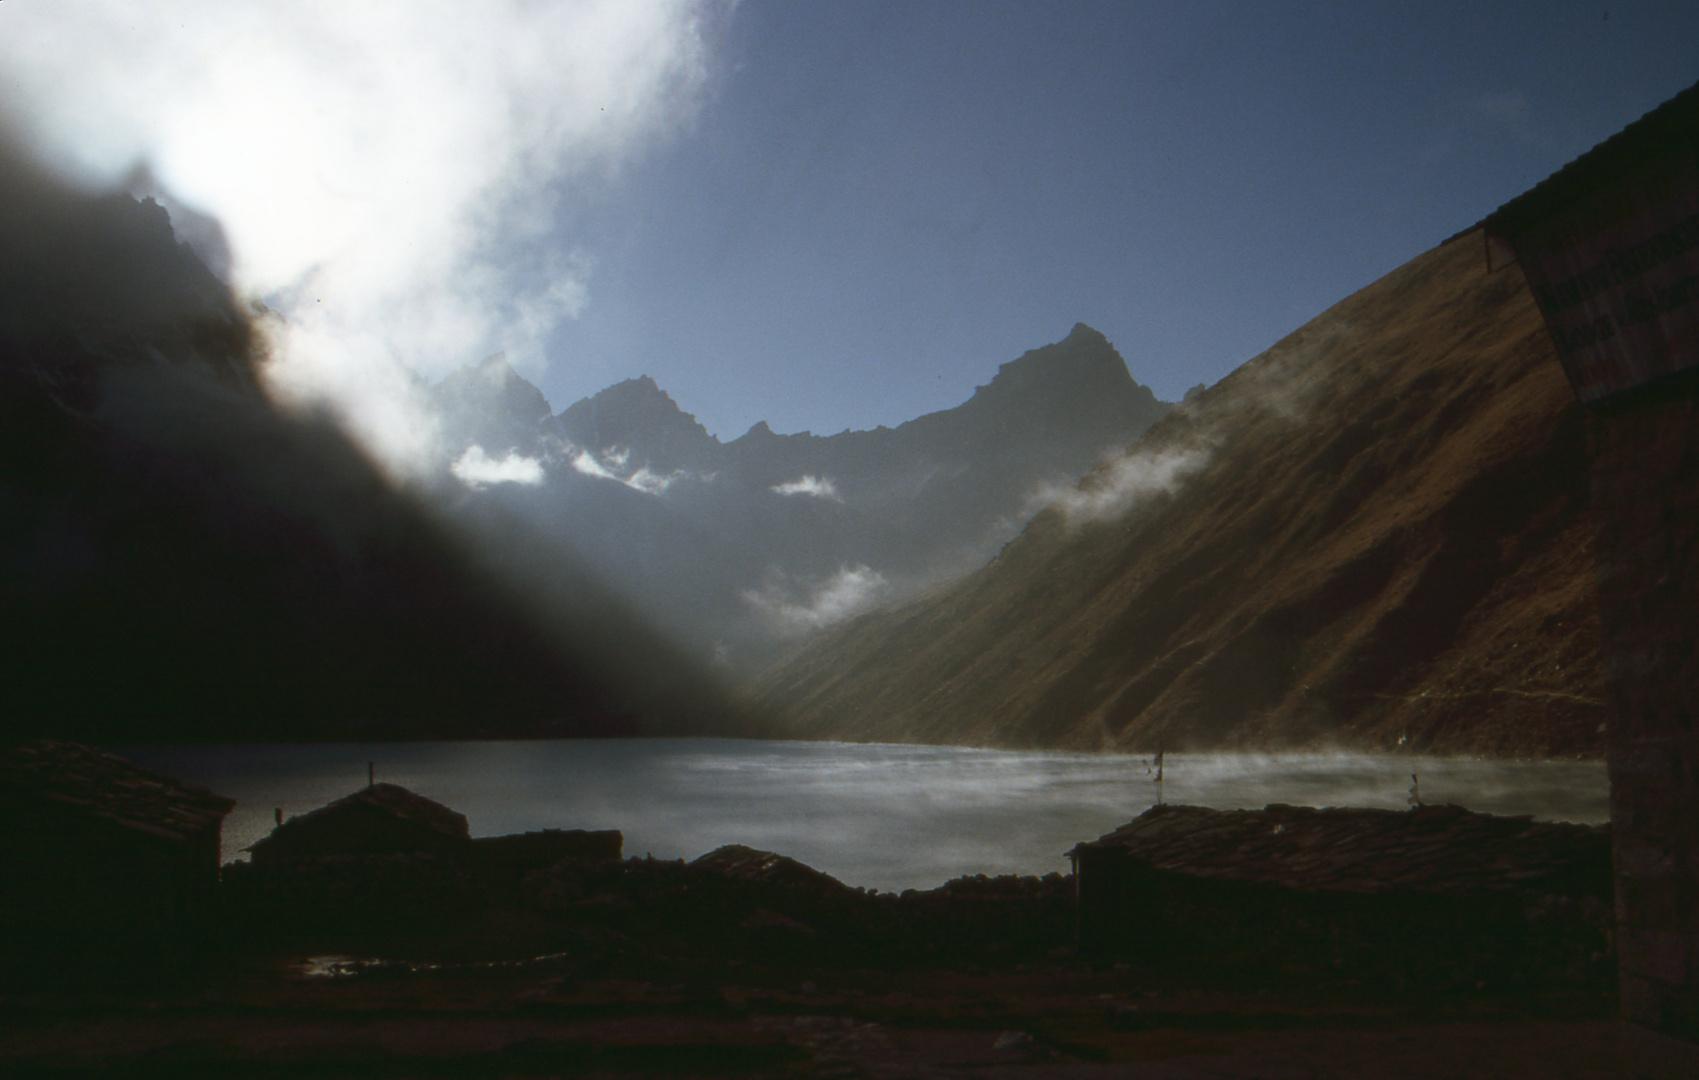 auf 4700 m in Gokyo, Nepal 2000